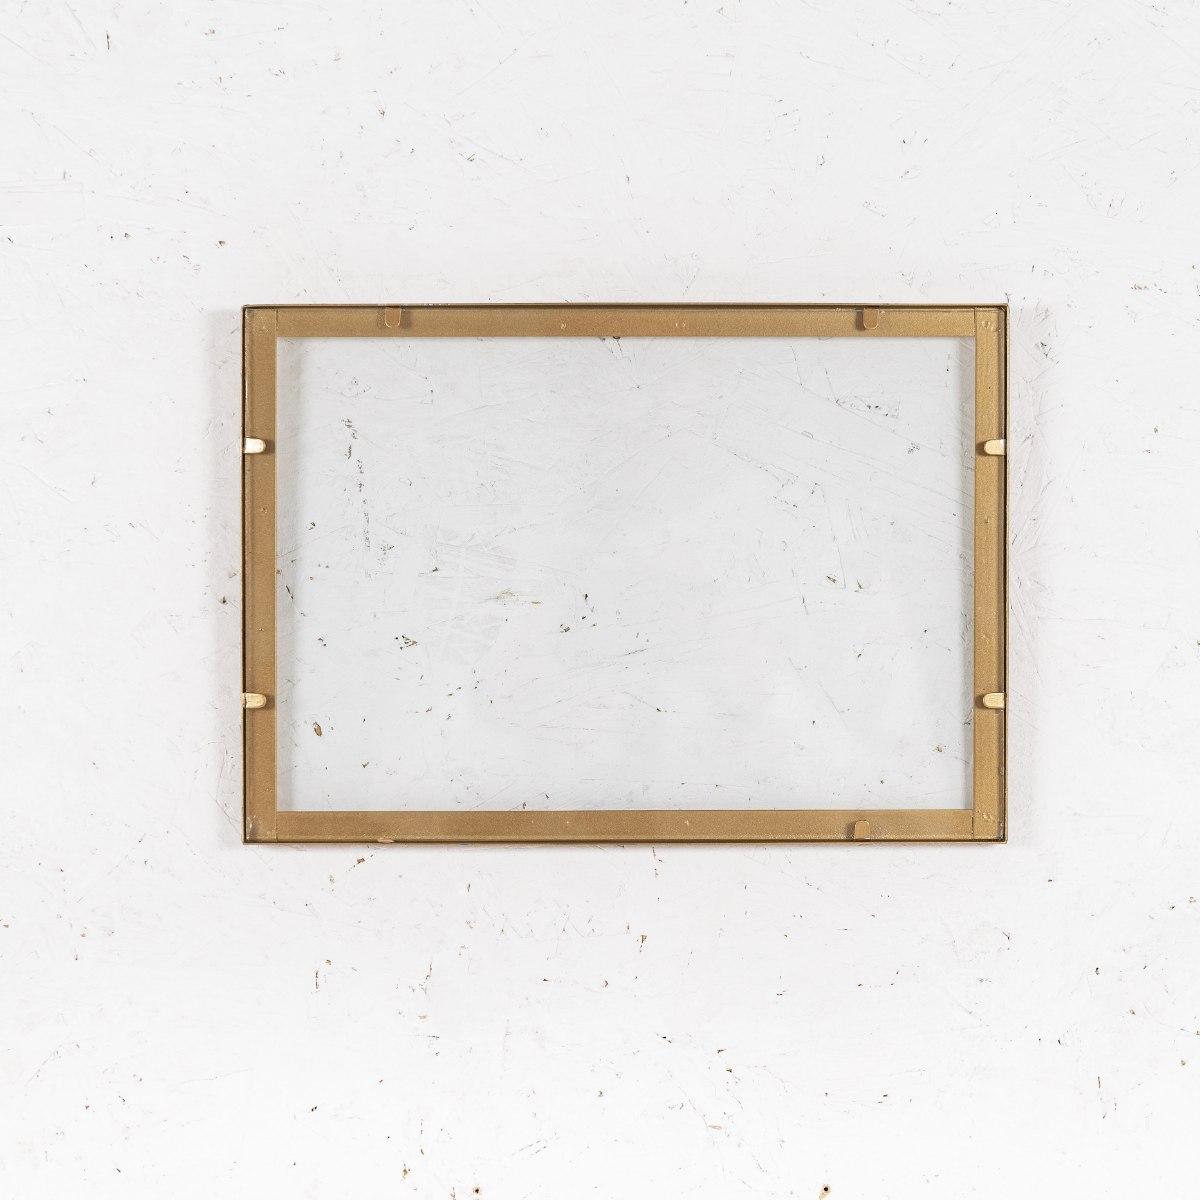 מסגרת ברזל (דו כיווני) זהב - גודל A4